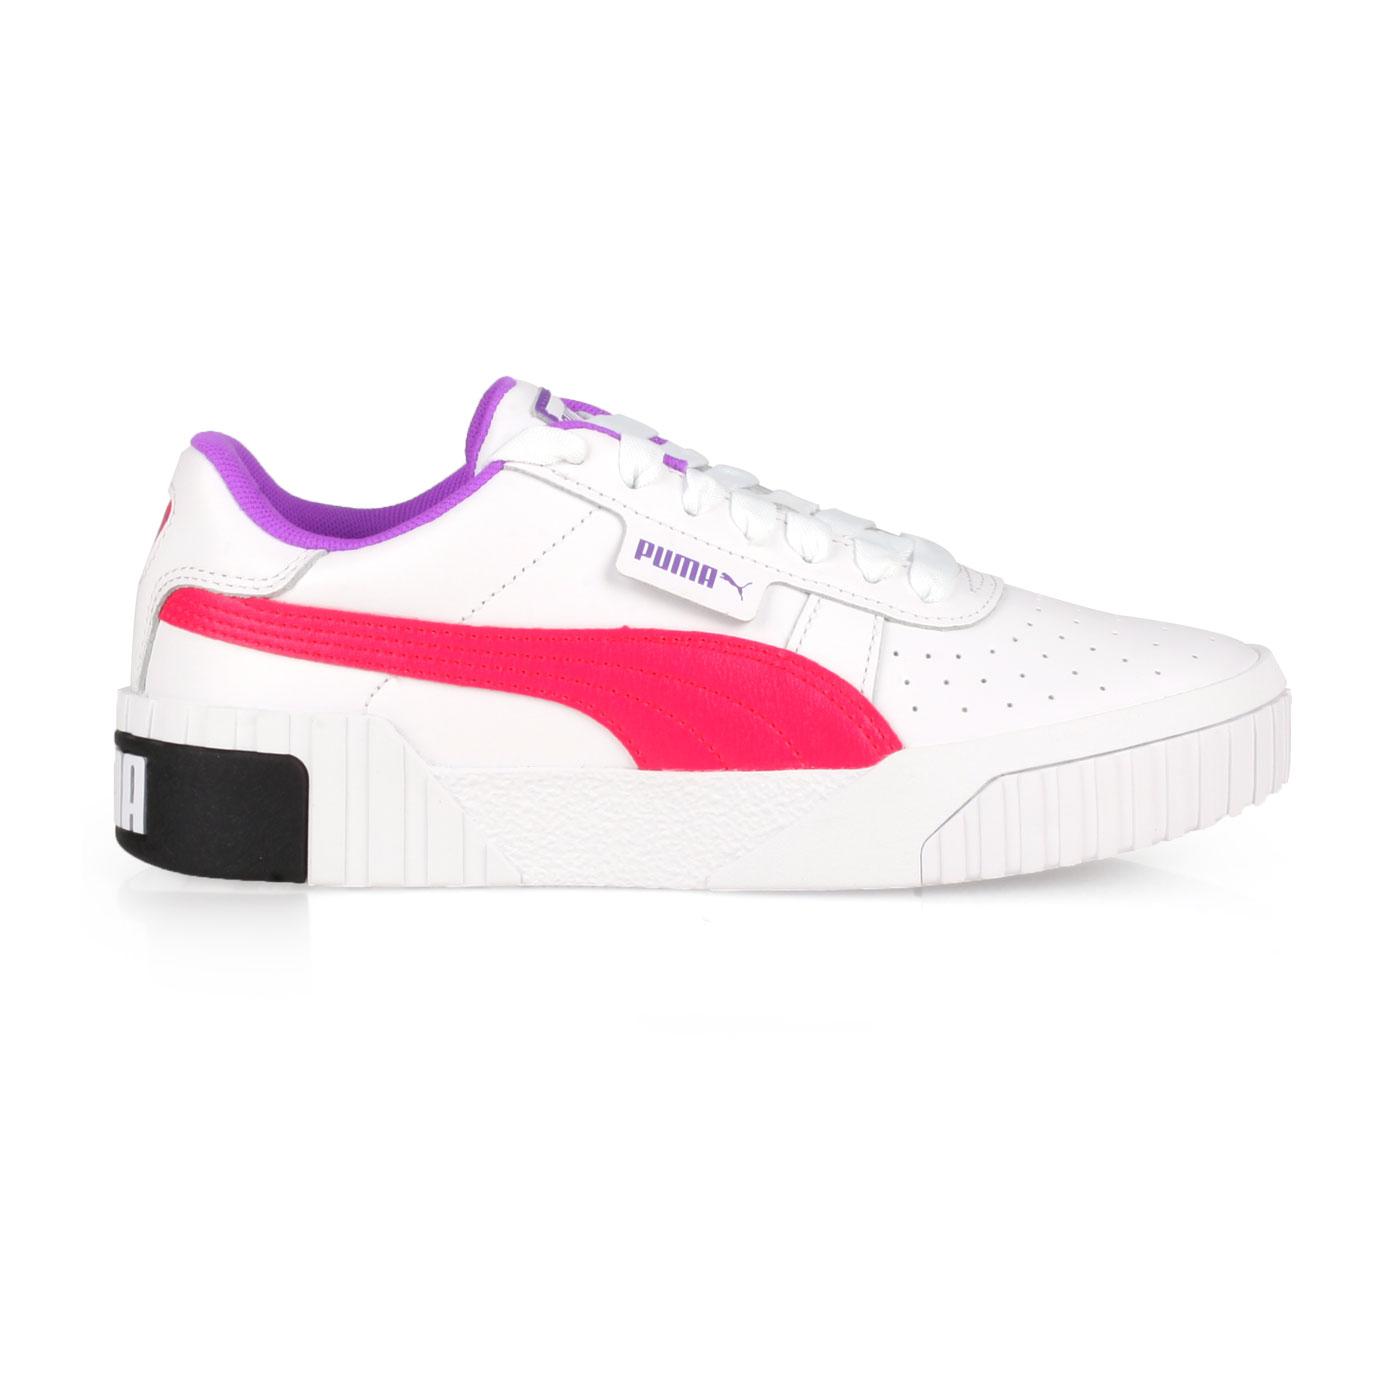 PUMA 女款休閒運動鞋  @Cali Chase Wn's@36997002 - 白桃紅紫